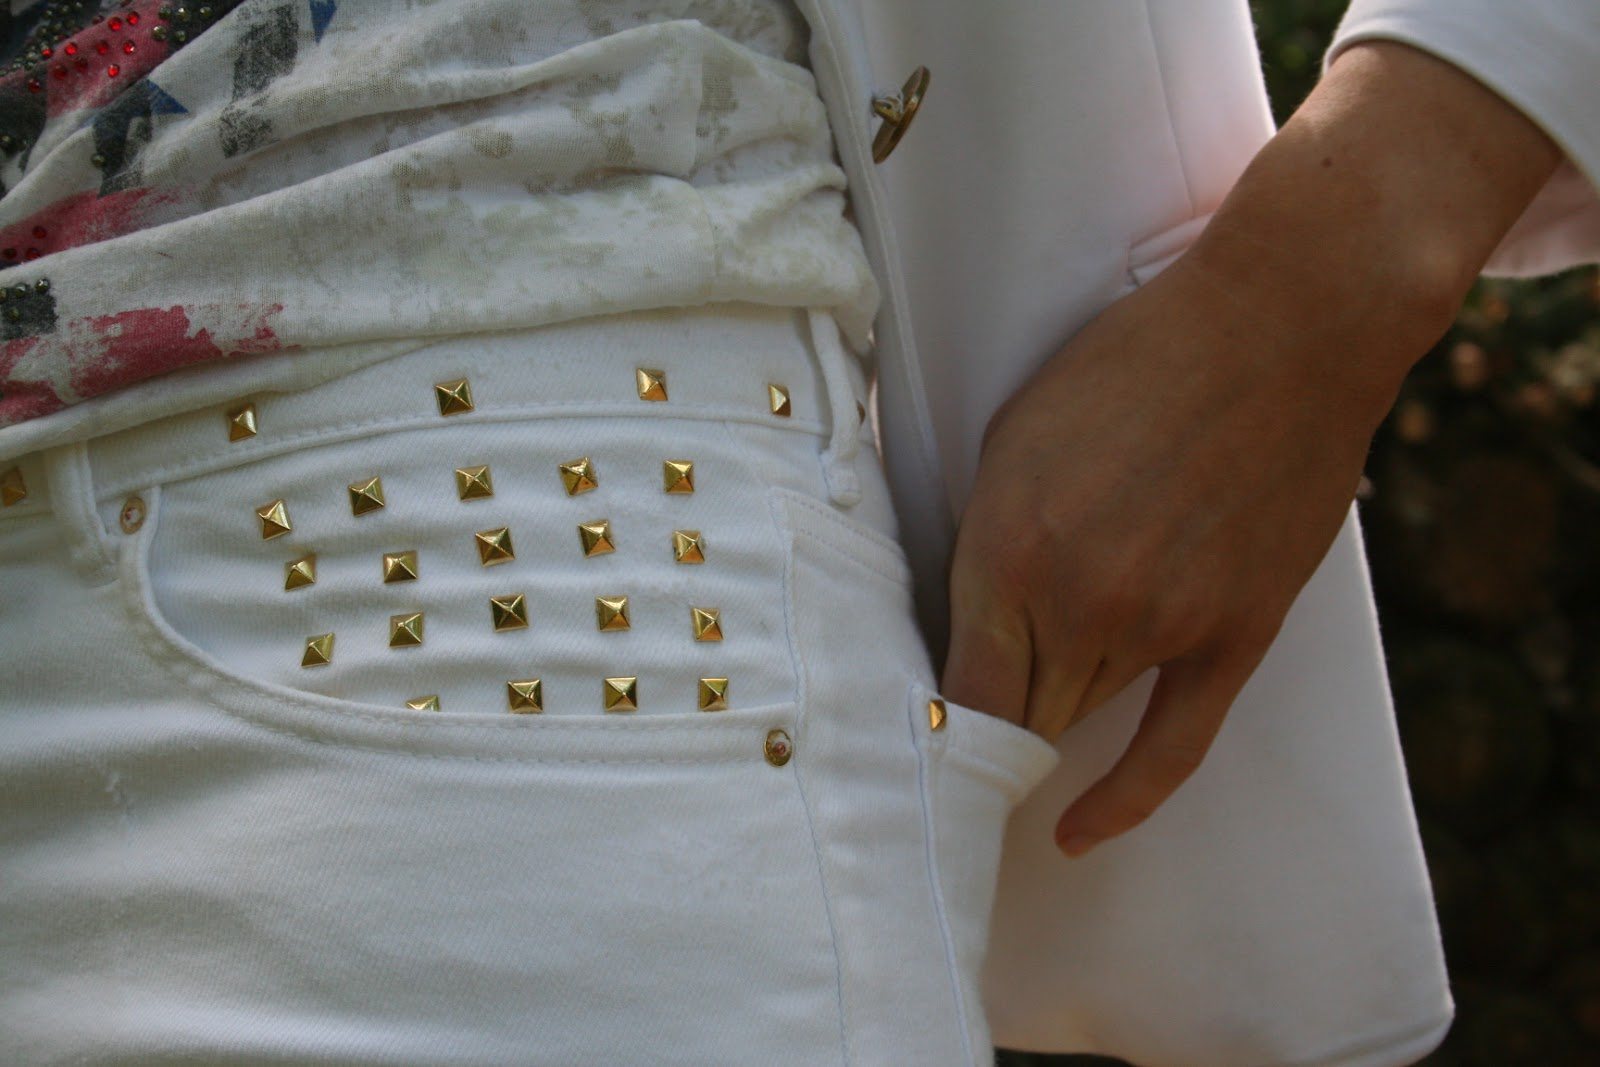 http://2.bp.blogspot.com/-FfP4ijZ86DU/T_h6rO_zz7I/AAAAAAAAAHw/7zTrjKy-Qi8/s1600/blog0707121+008.JPG